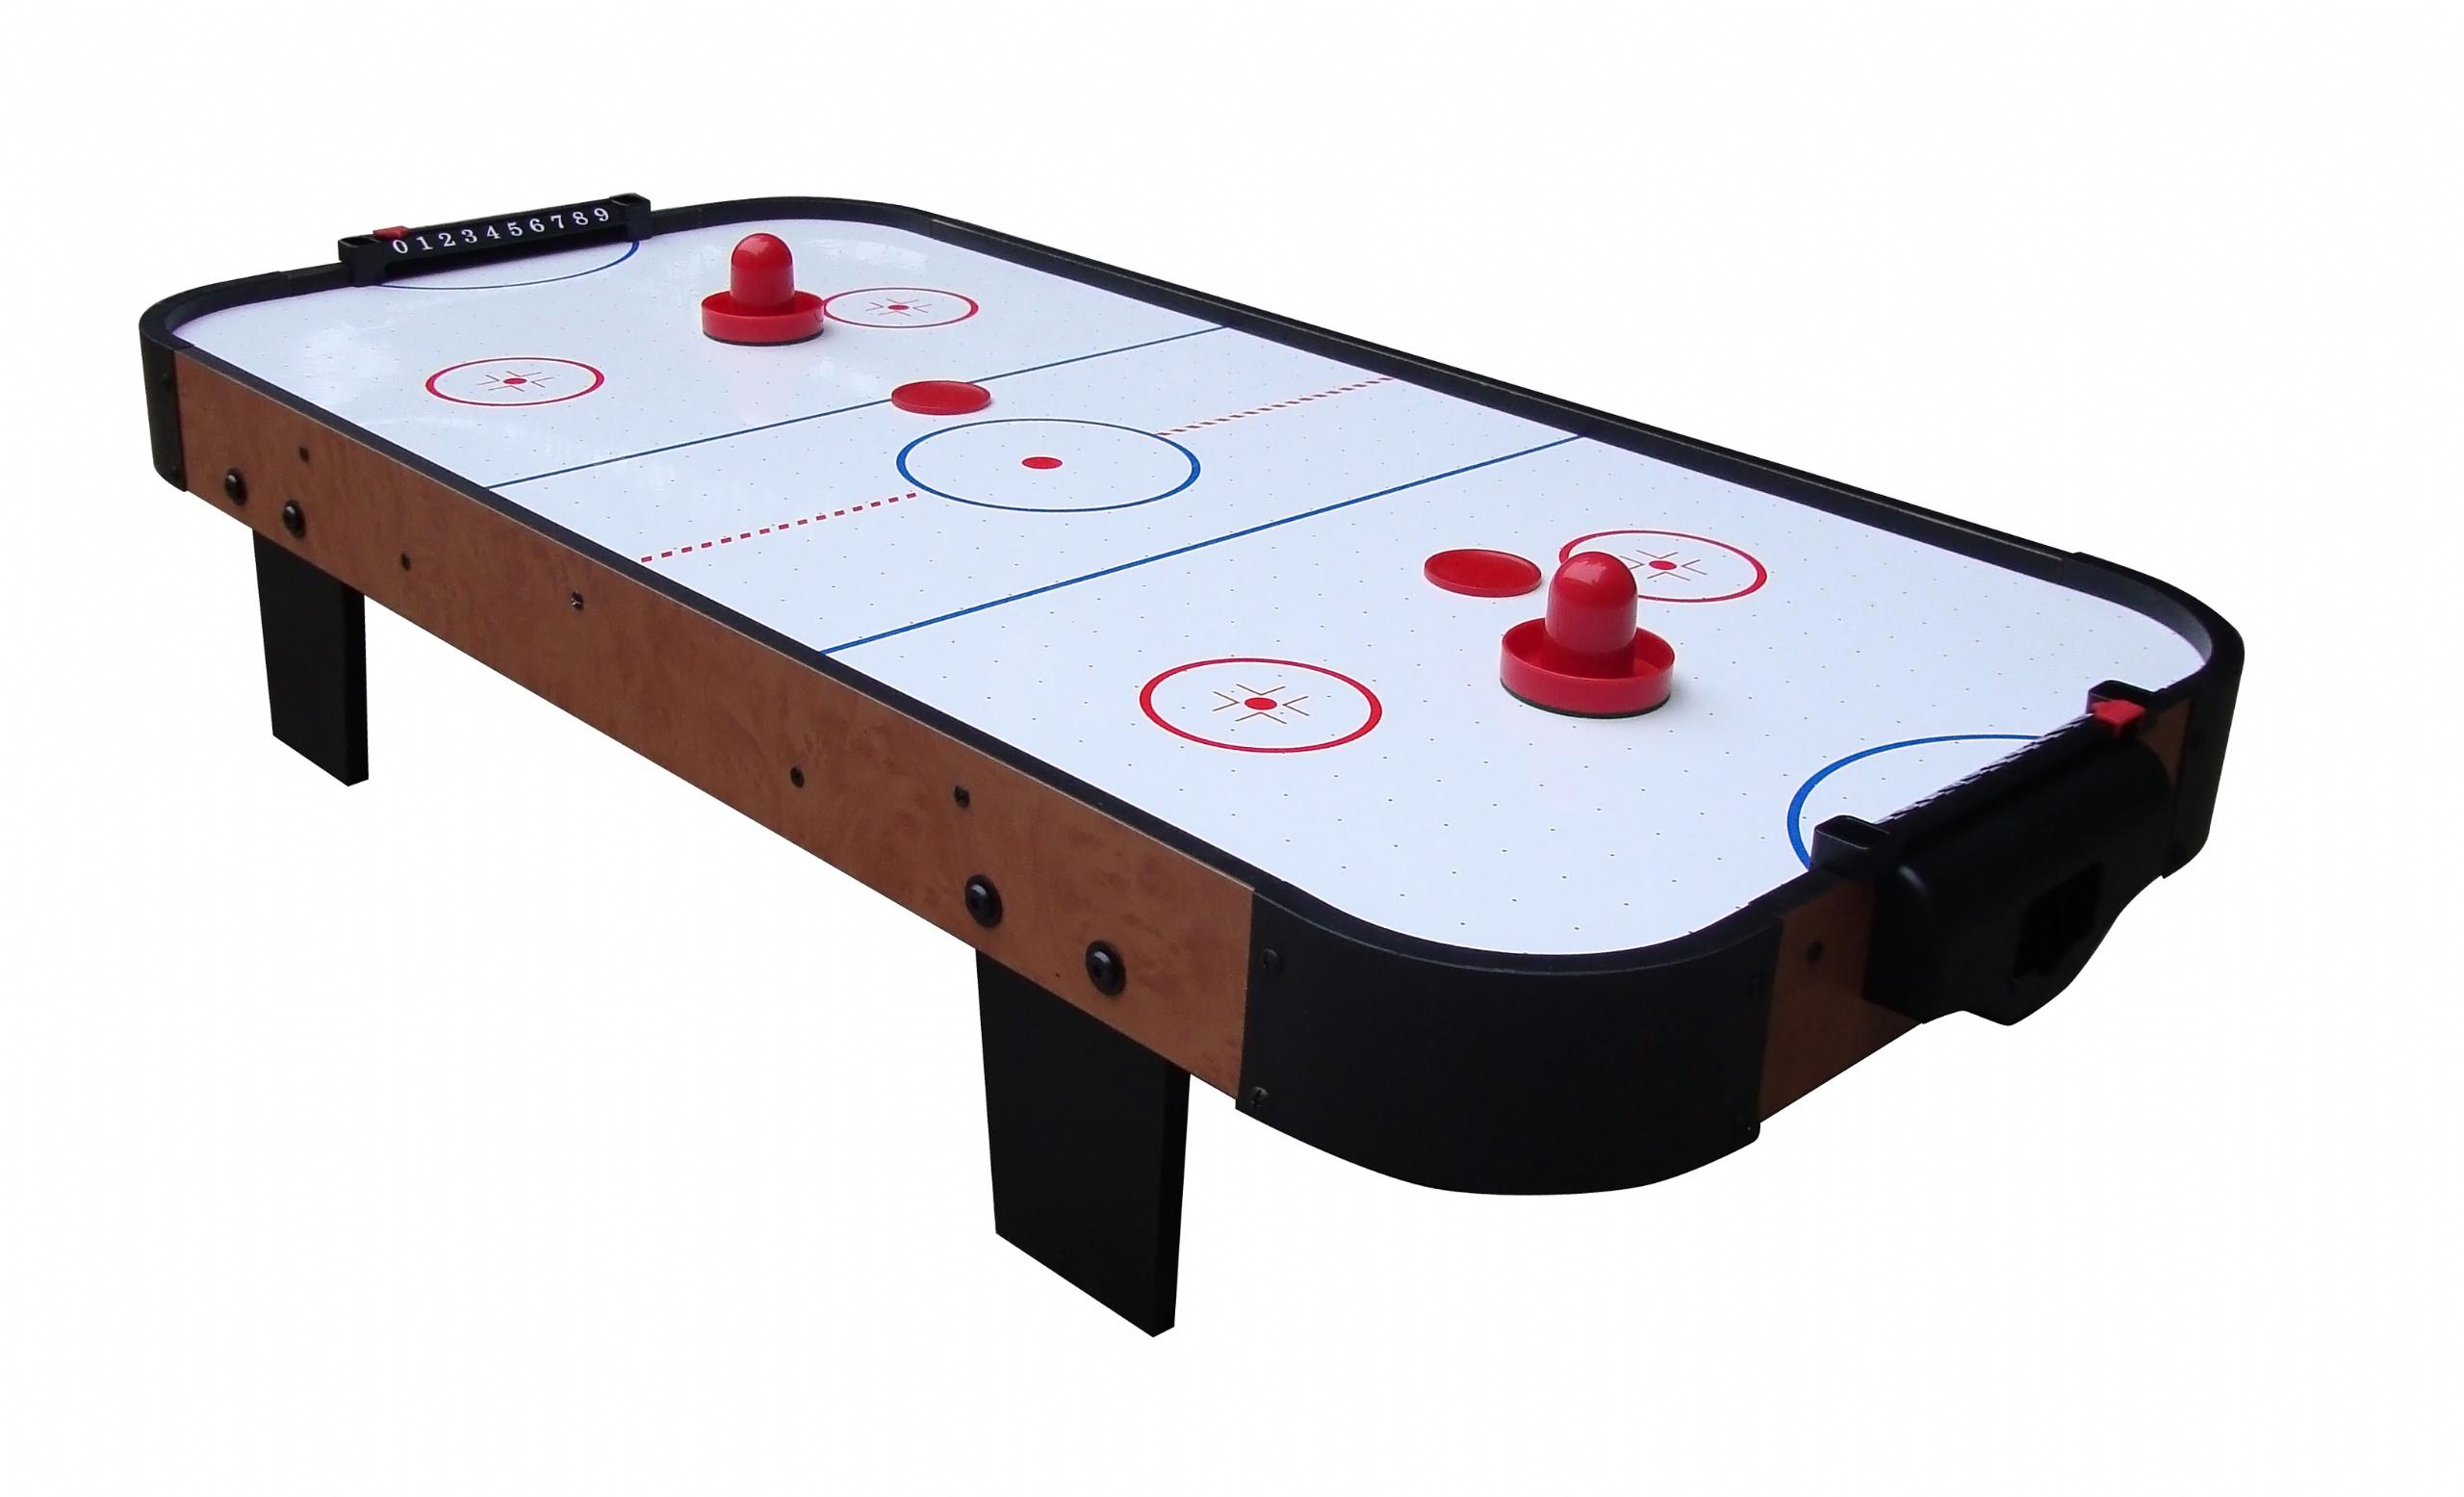 Airhockey Gamesson Wasp 2